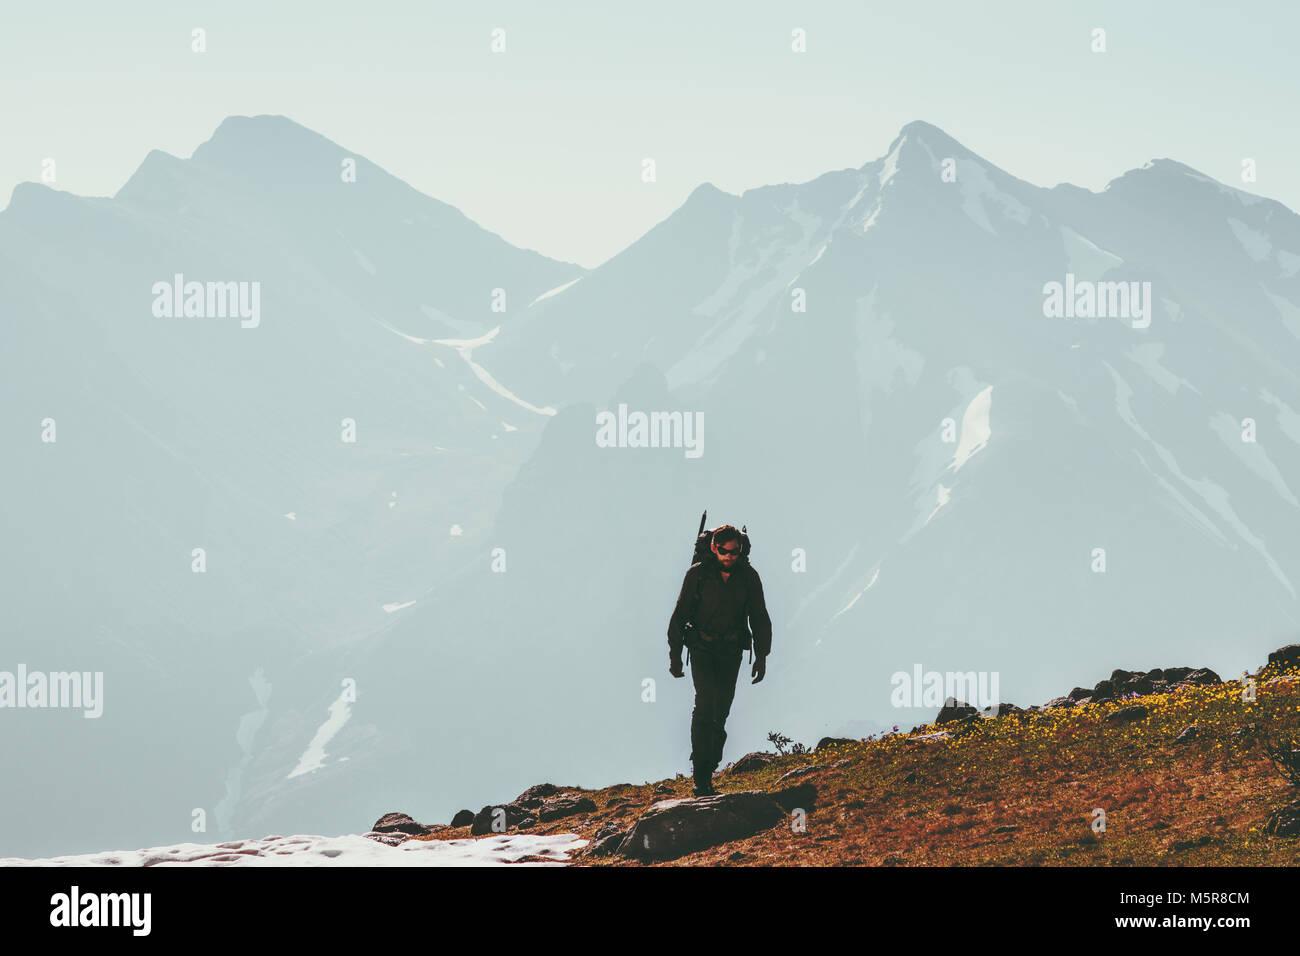 Escursionista uomo solo di arrampicata in montagna Lifestyle viaggio concetto di sopravvivenza avventura esterna Immagini Stock